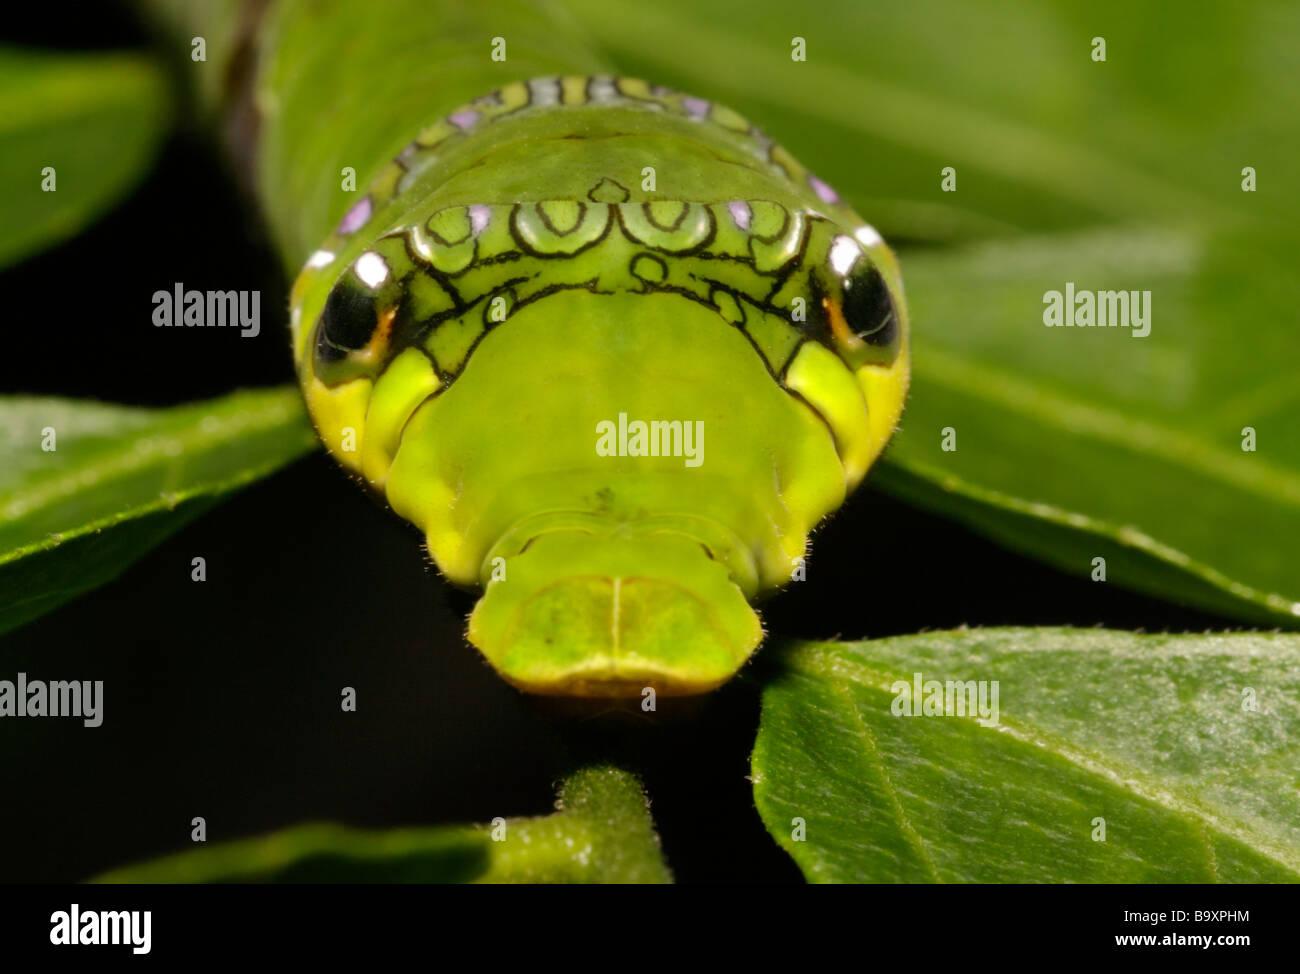 Hinteren Ende der Raupe zeigt Gesicht Mimikry Danum Valley Conservation Area Sabah Borneo Stockbild